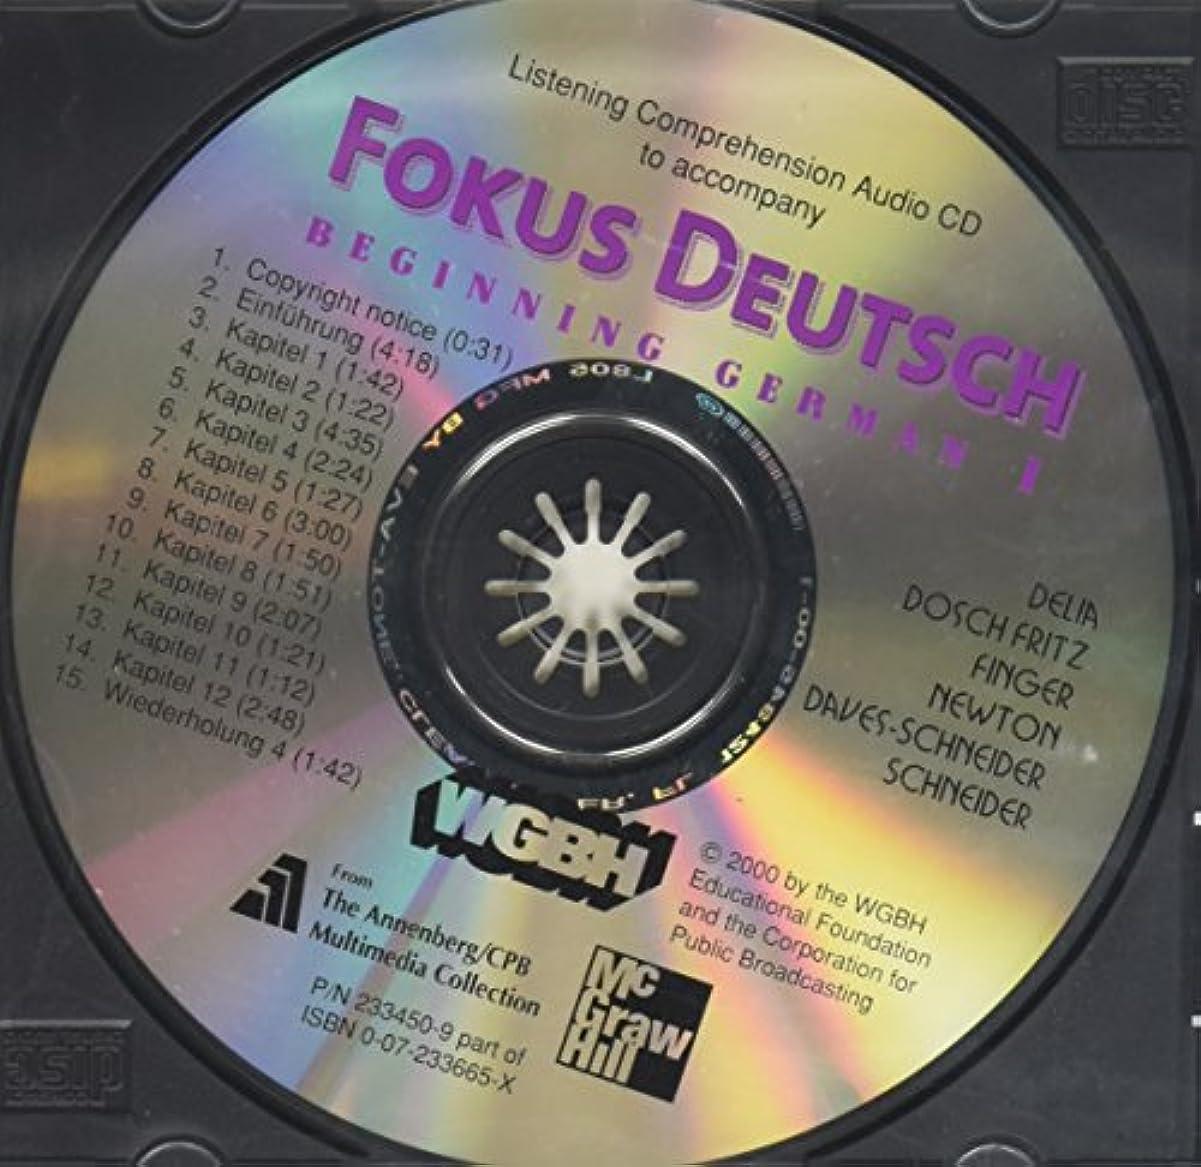 有効化私確認Listening Comprehension Audio CD Component for Fokus Deutsch: Beginning German 1 (Student Edition)